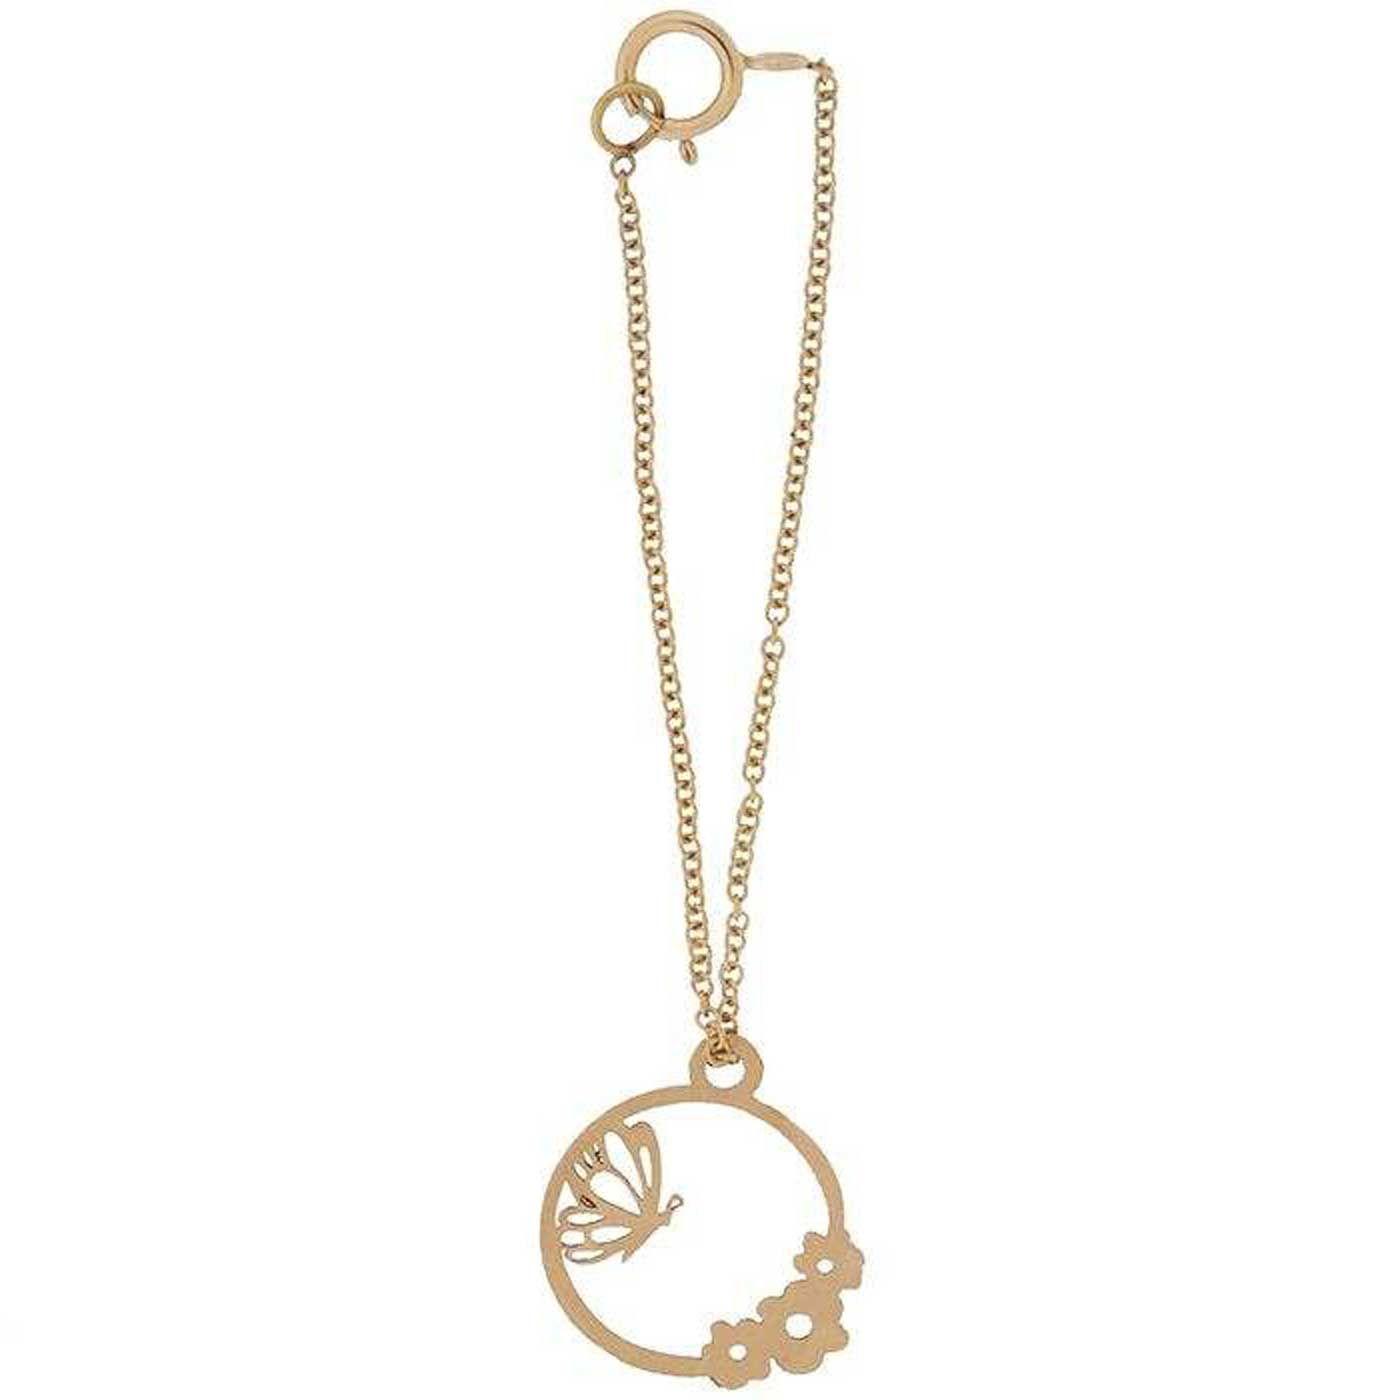 آویز ساعت طلا 18 عیار زنانه کانیار گالری کد AS82 -  - 1